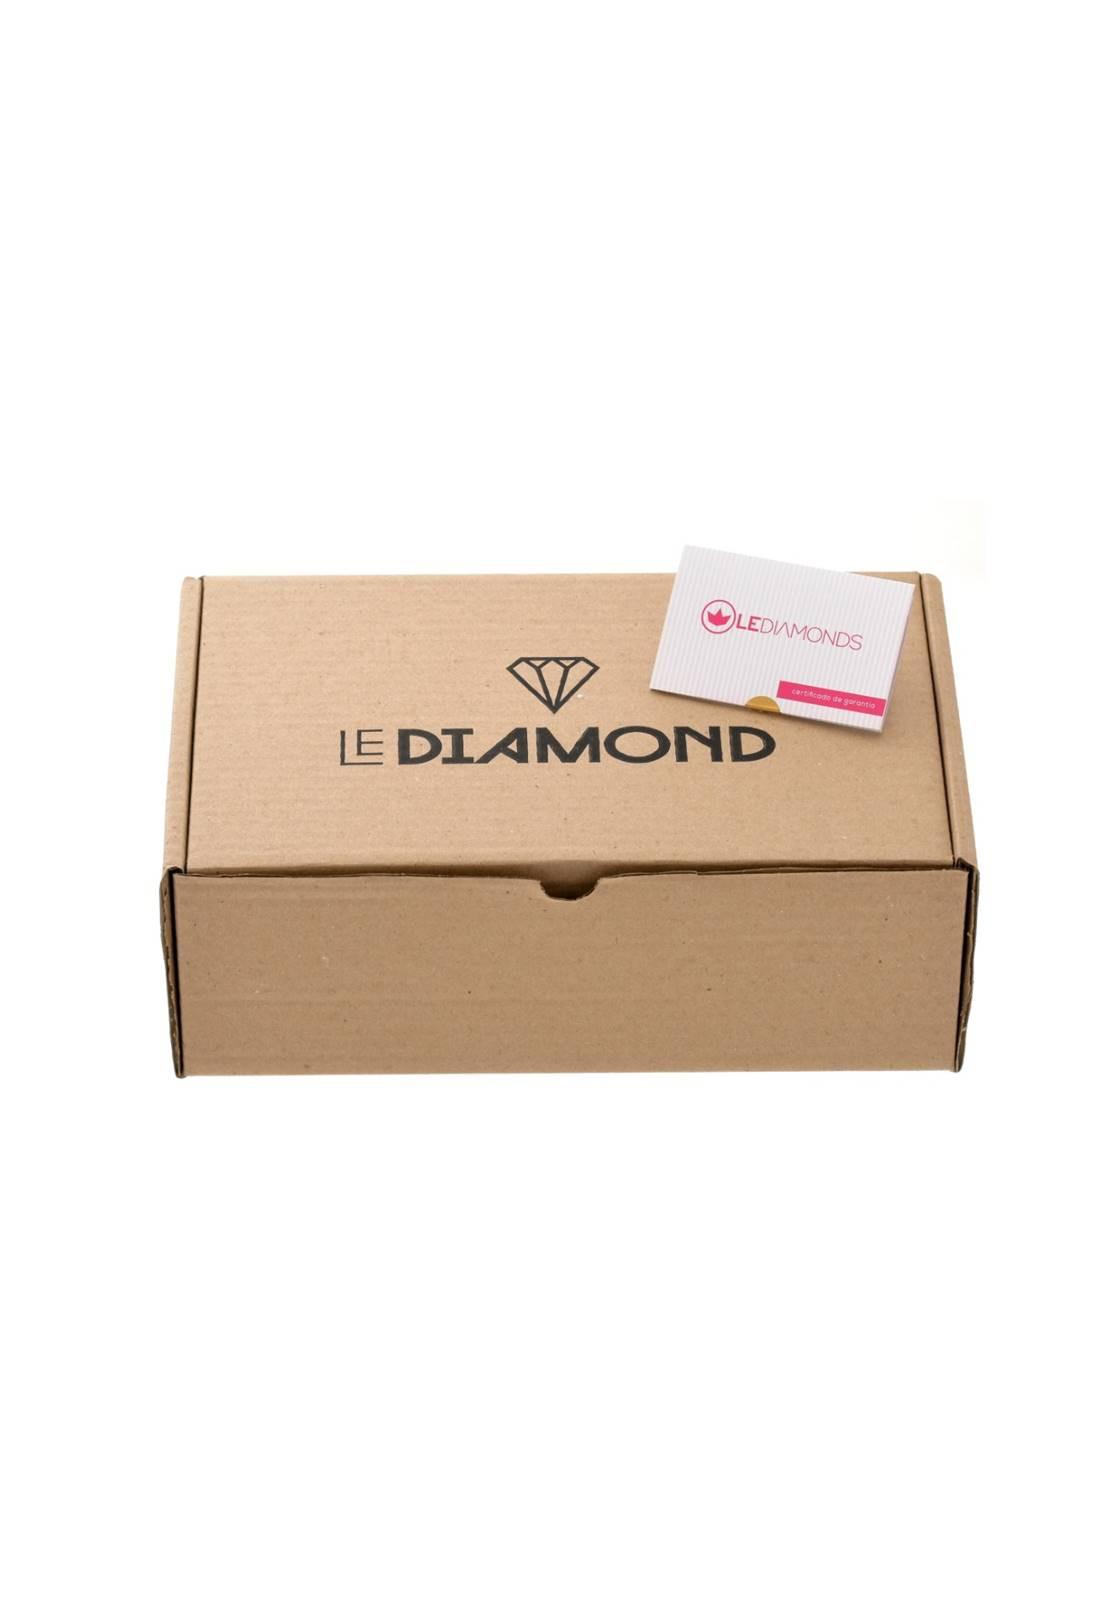 Brinco Le Diamond Argola Anita Argola Larga Esmaltada c/ Ponto de Luz Turquesa